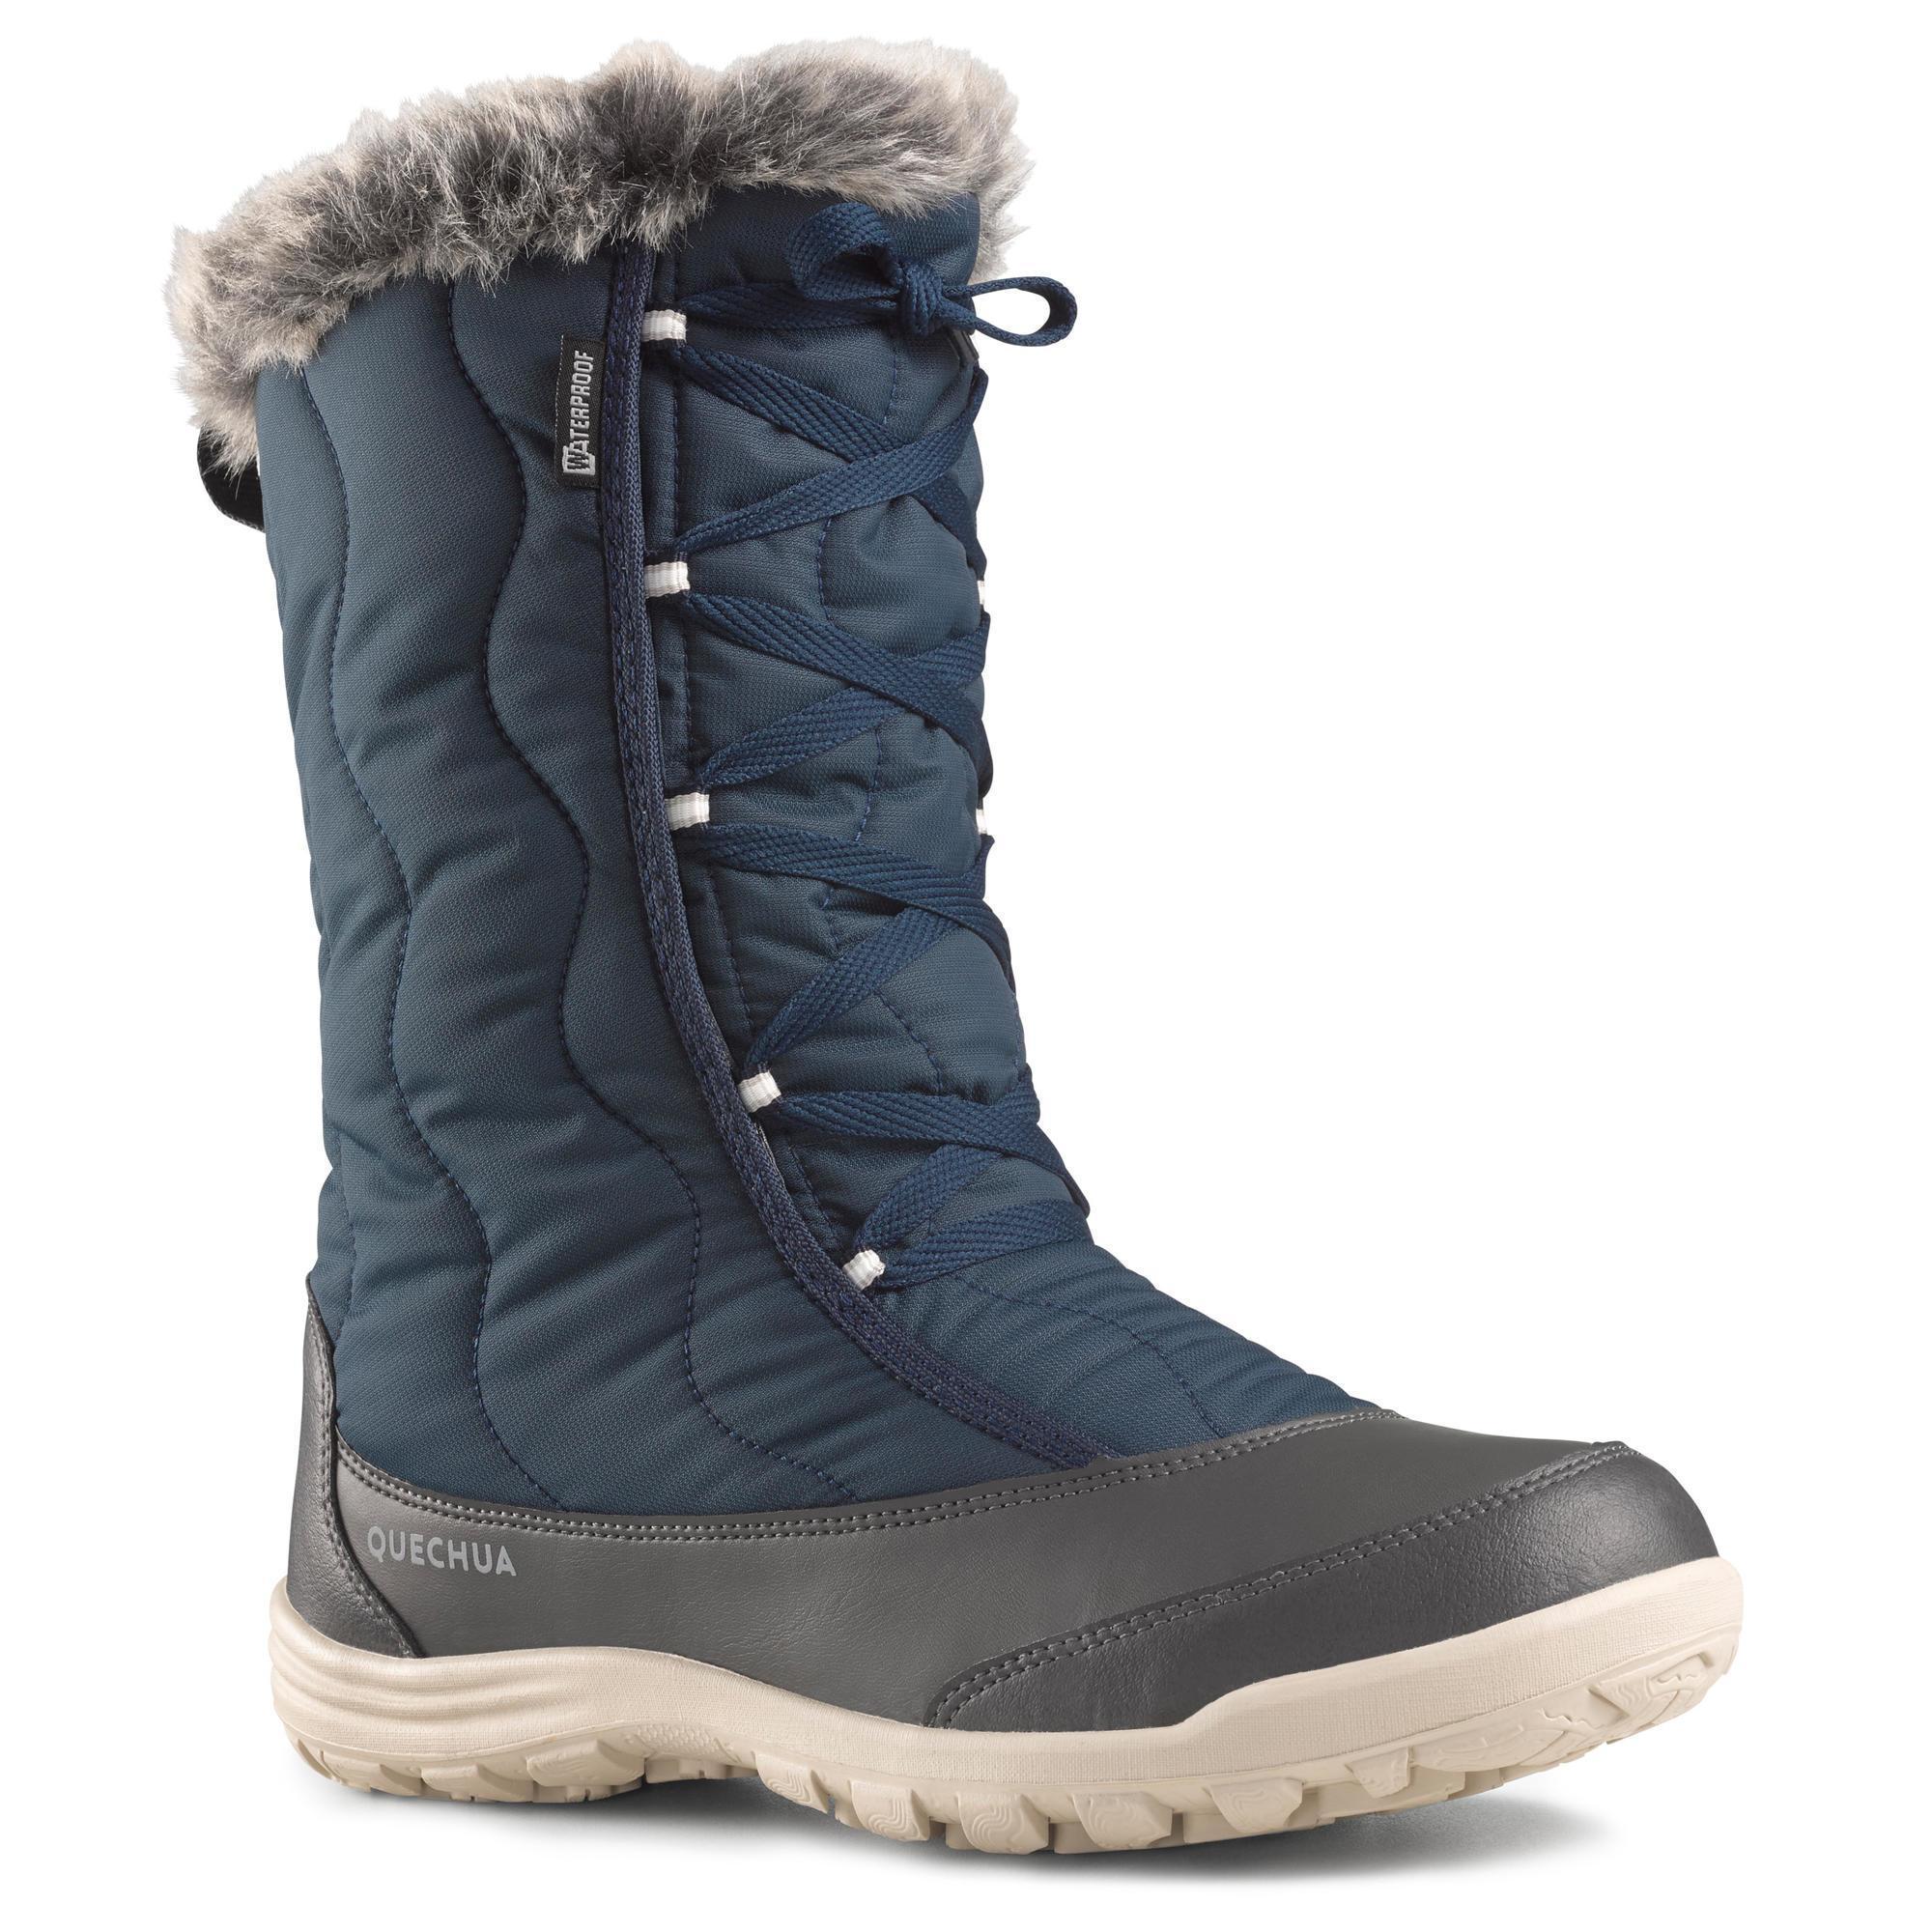 Bottes de randonnée neige femme SH500 x,warm lacets bleu